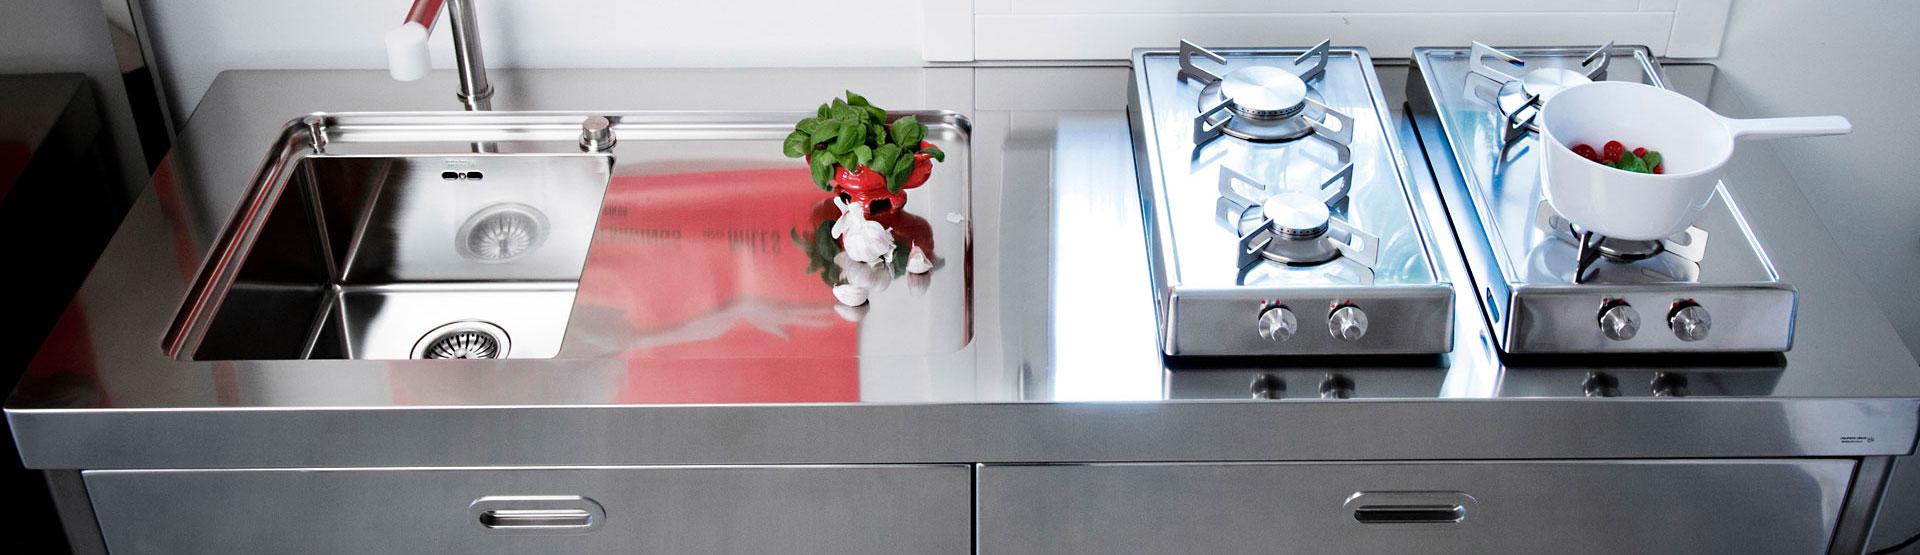 Full Size of Gebrauchte Regale Betten Fenster Kaufen Edelstahlküche Chesterfield Sofa Gebraucht Gebrauchtwagen Bad Kreuznach Küche Verkaufen Einbauküche Landhausküche Wohnzimmer Edelstahlküche Gebraucht